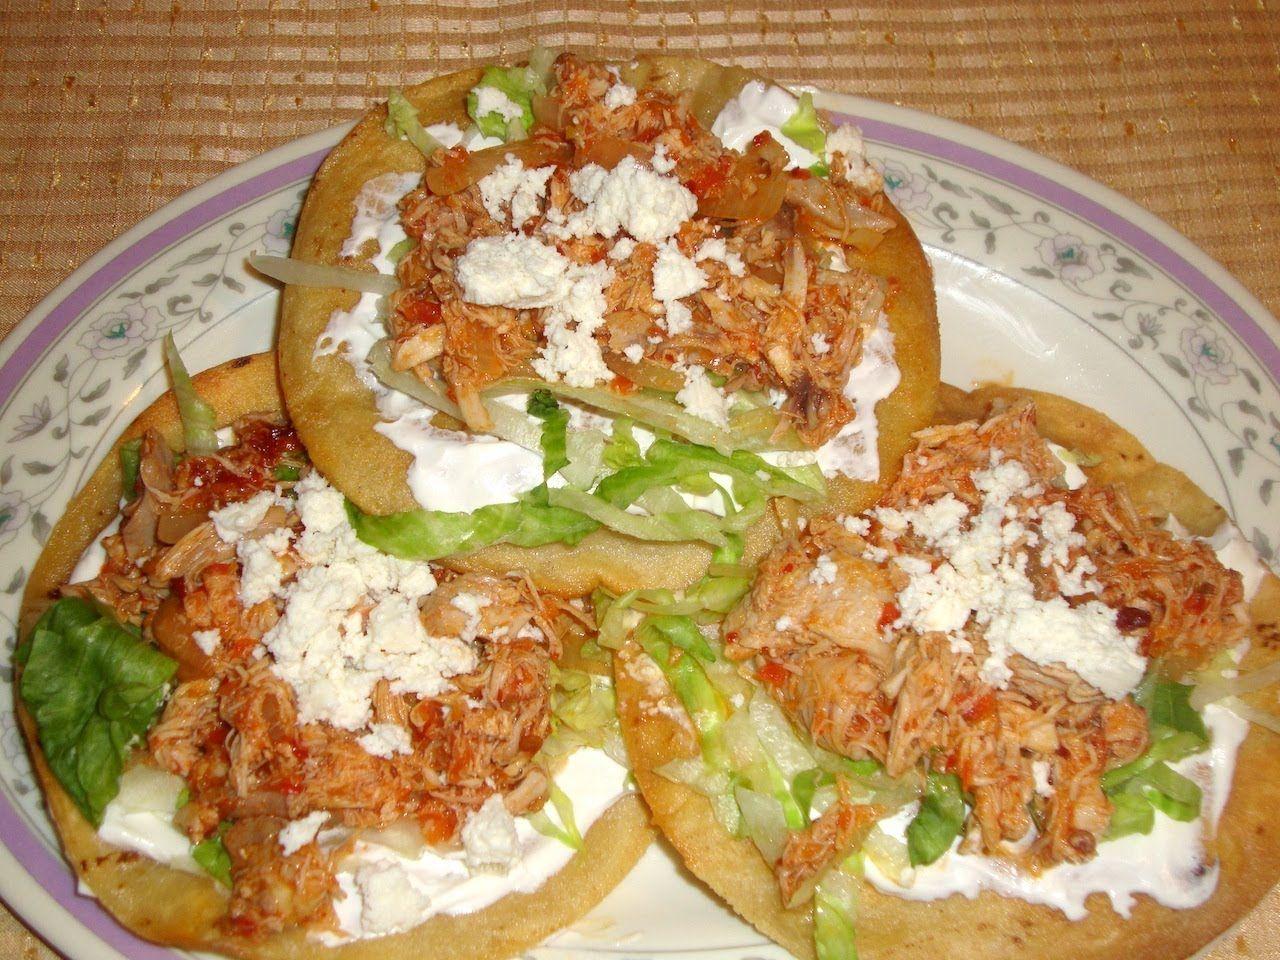 Cocina Mexicana Tinga De Pollo